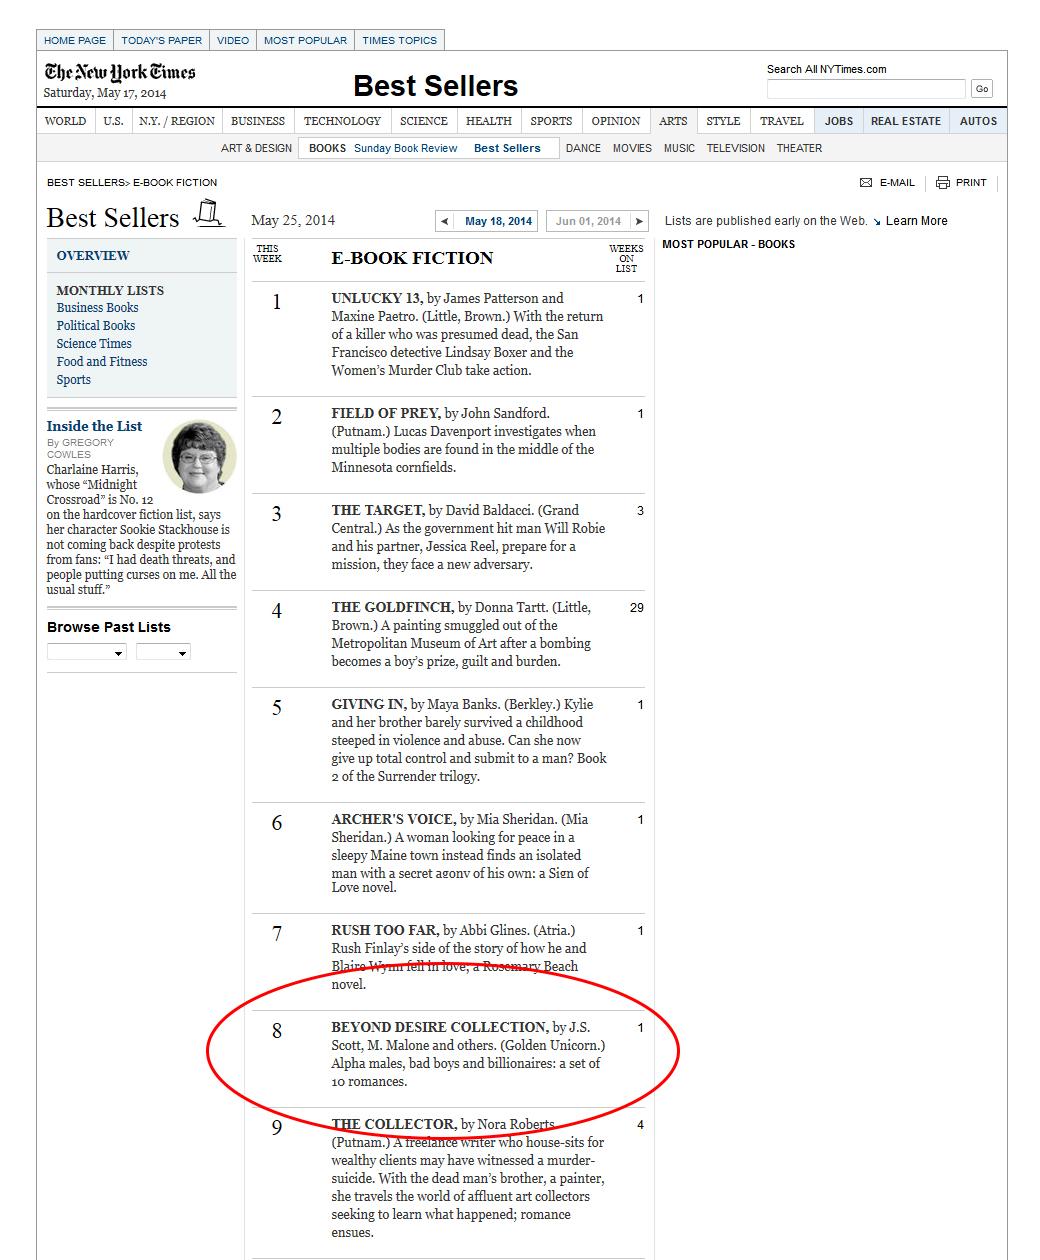 NYT May 17, 2014